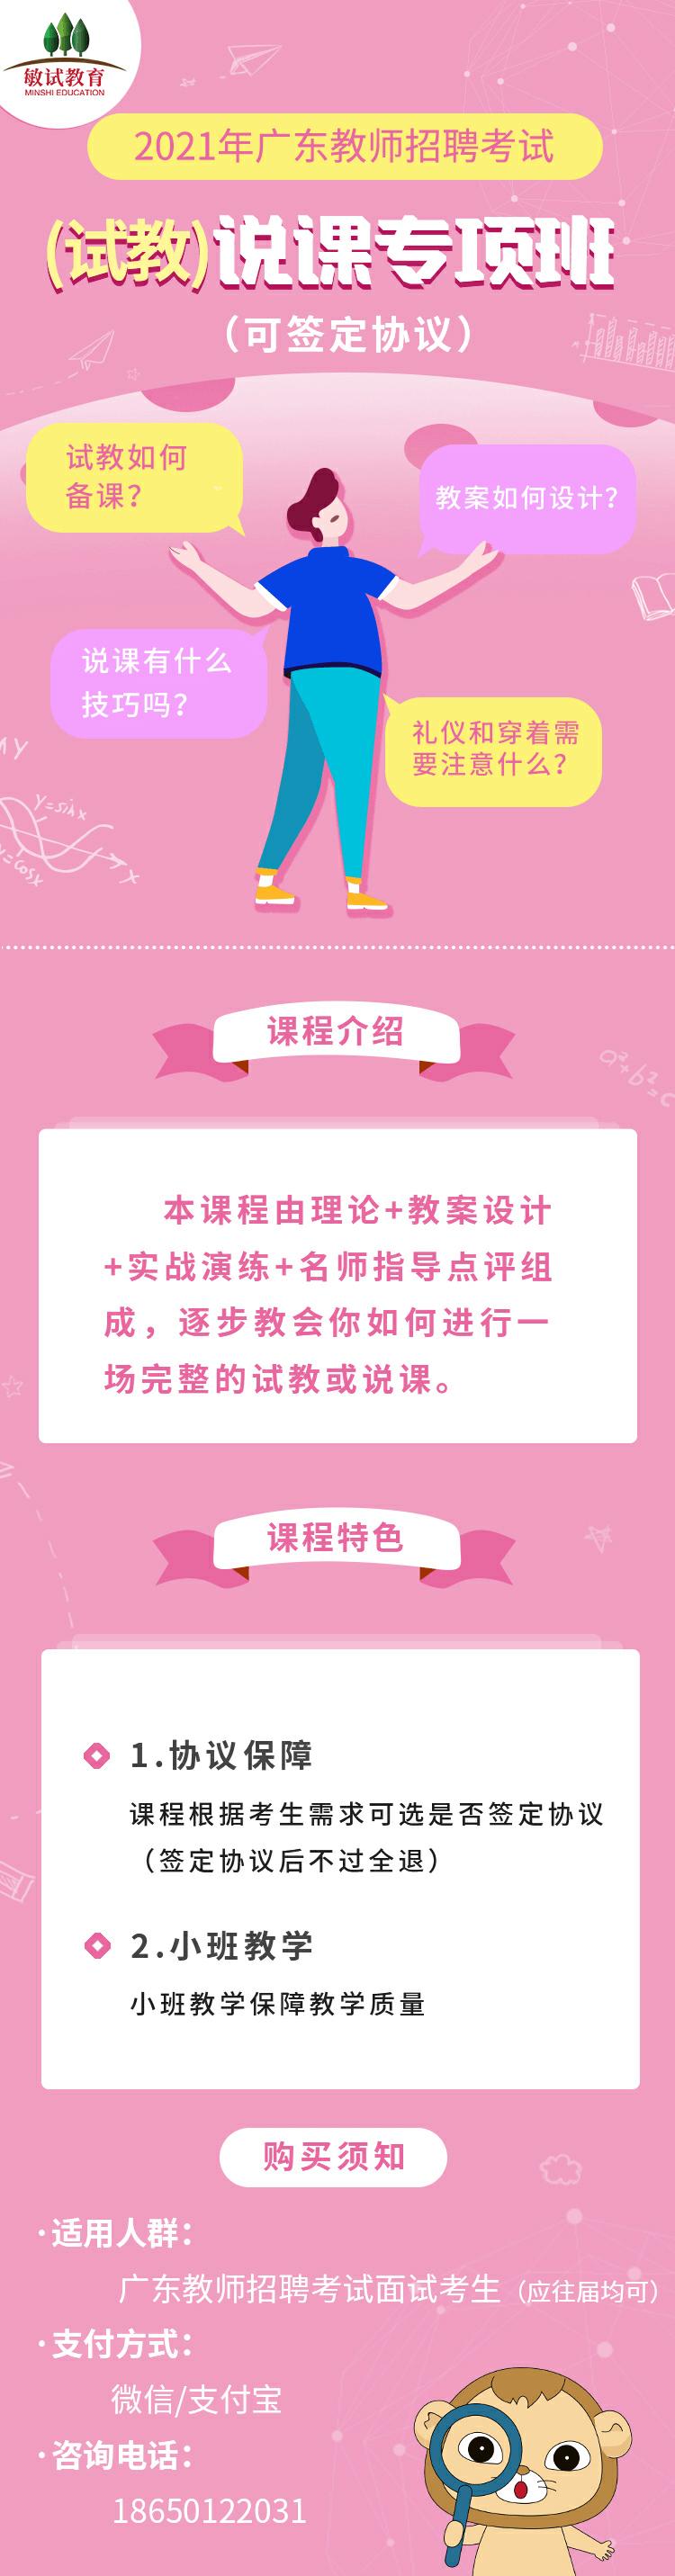 2021广东教师招聘培训:中小学试教/说课专项班